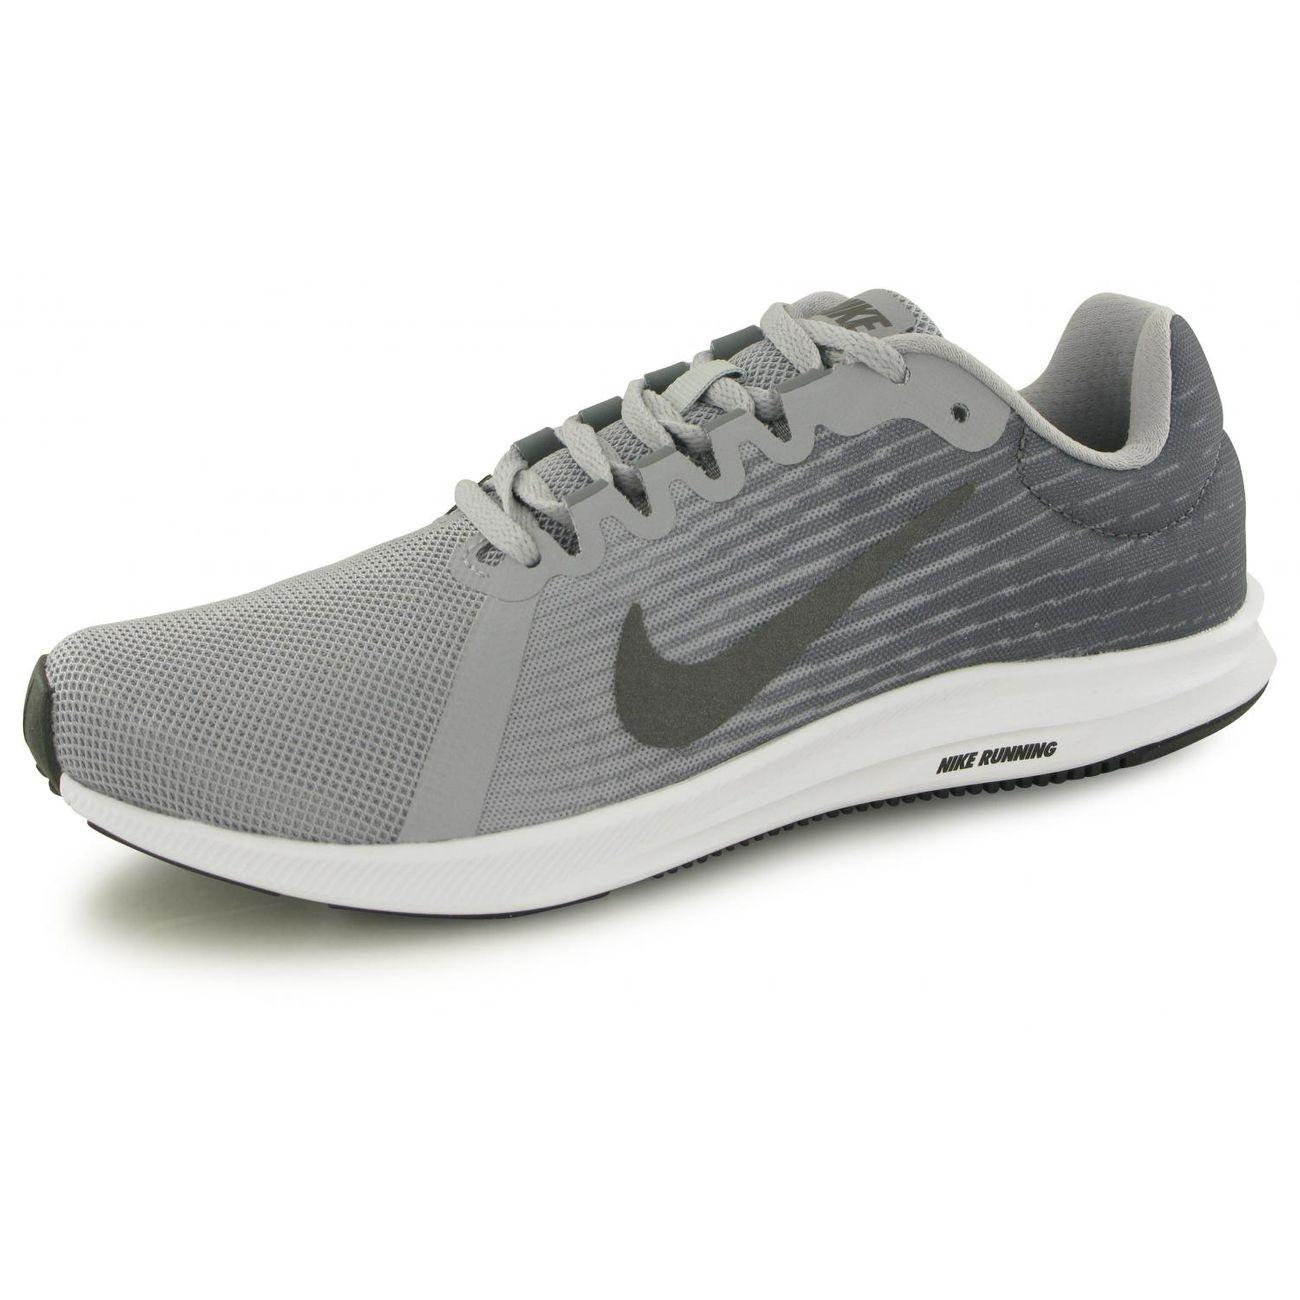 f7e117715dd Chaussures Downshifter 8 – achat et prix pas cher - Go Sport